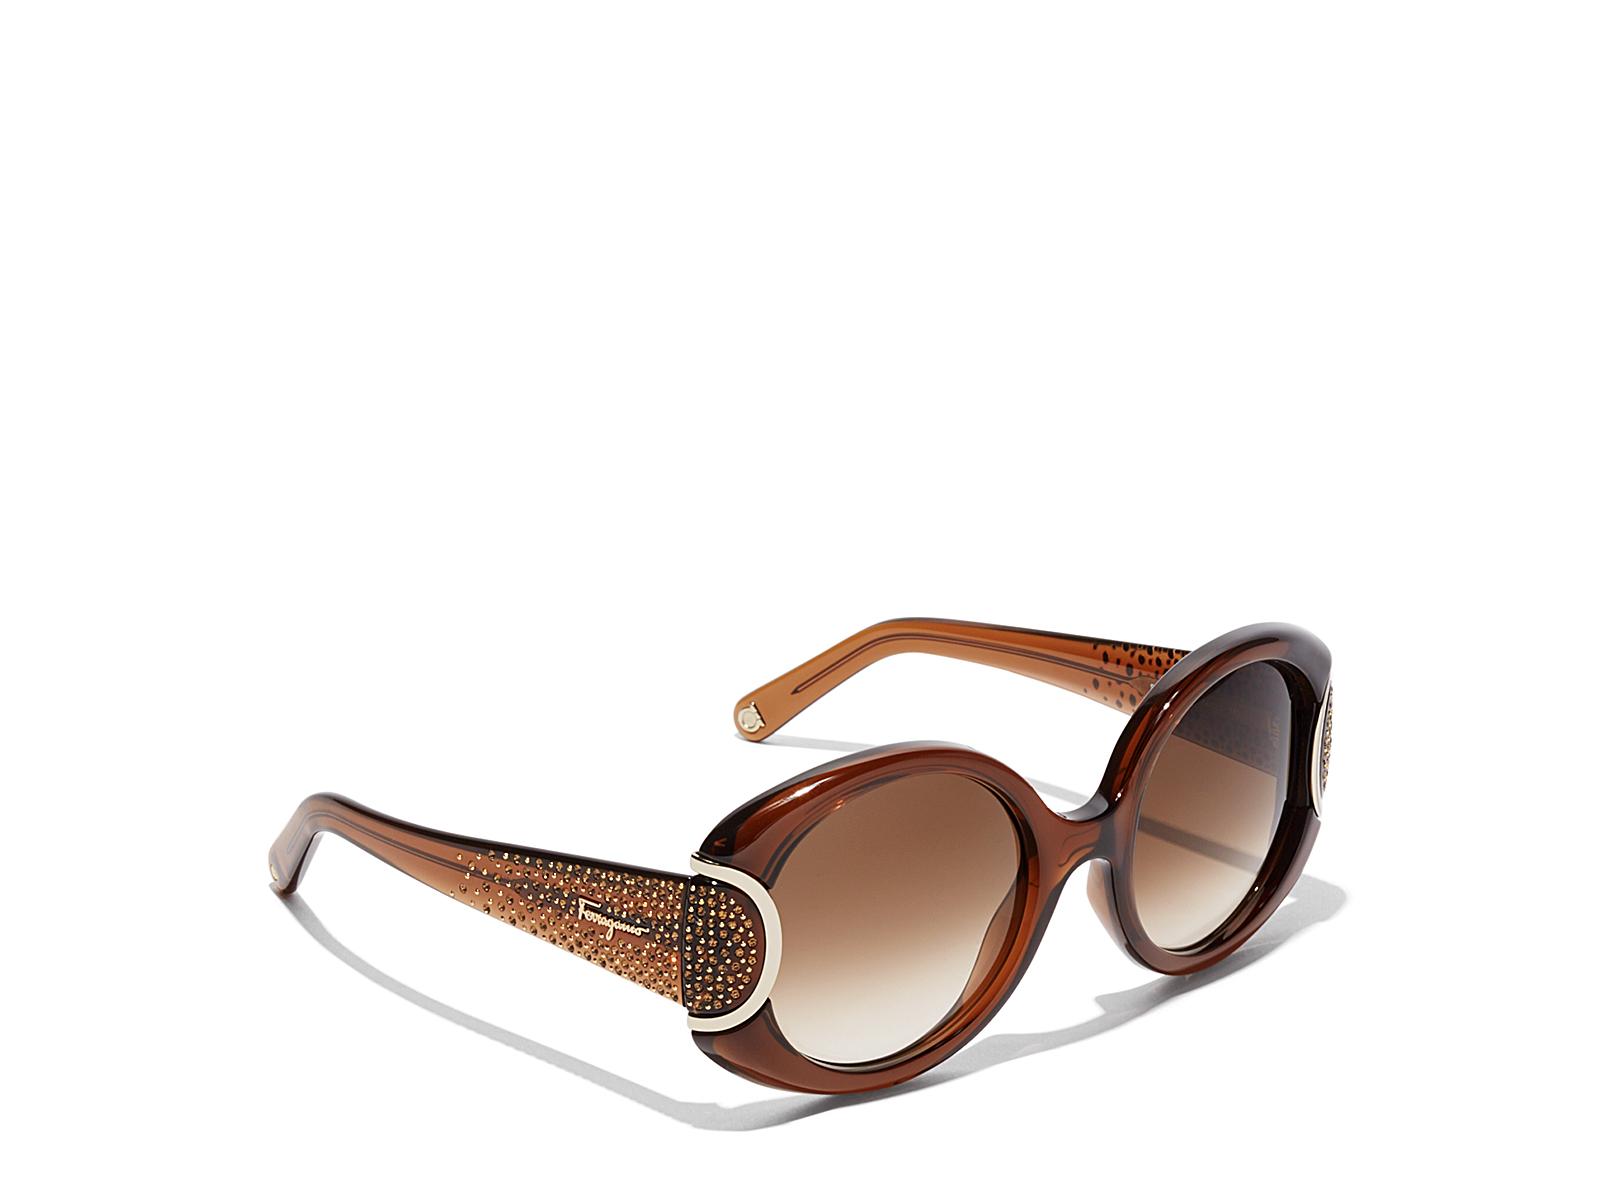 Luxusní sluneční brýle Salvatore Ferragamo